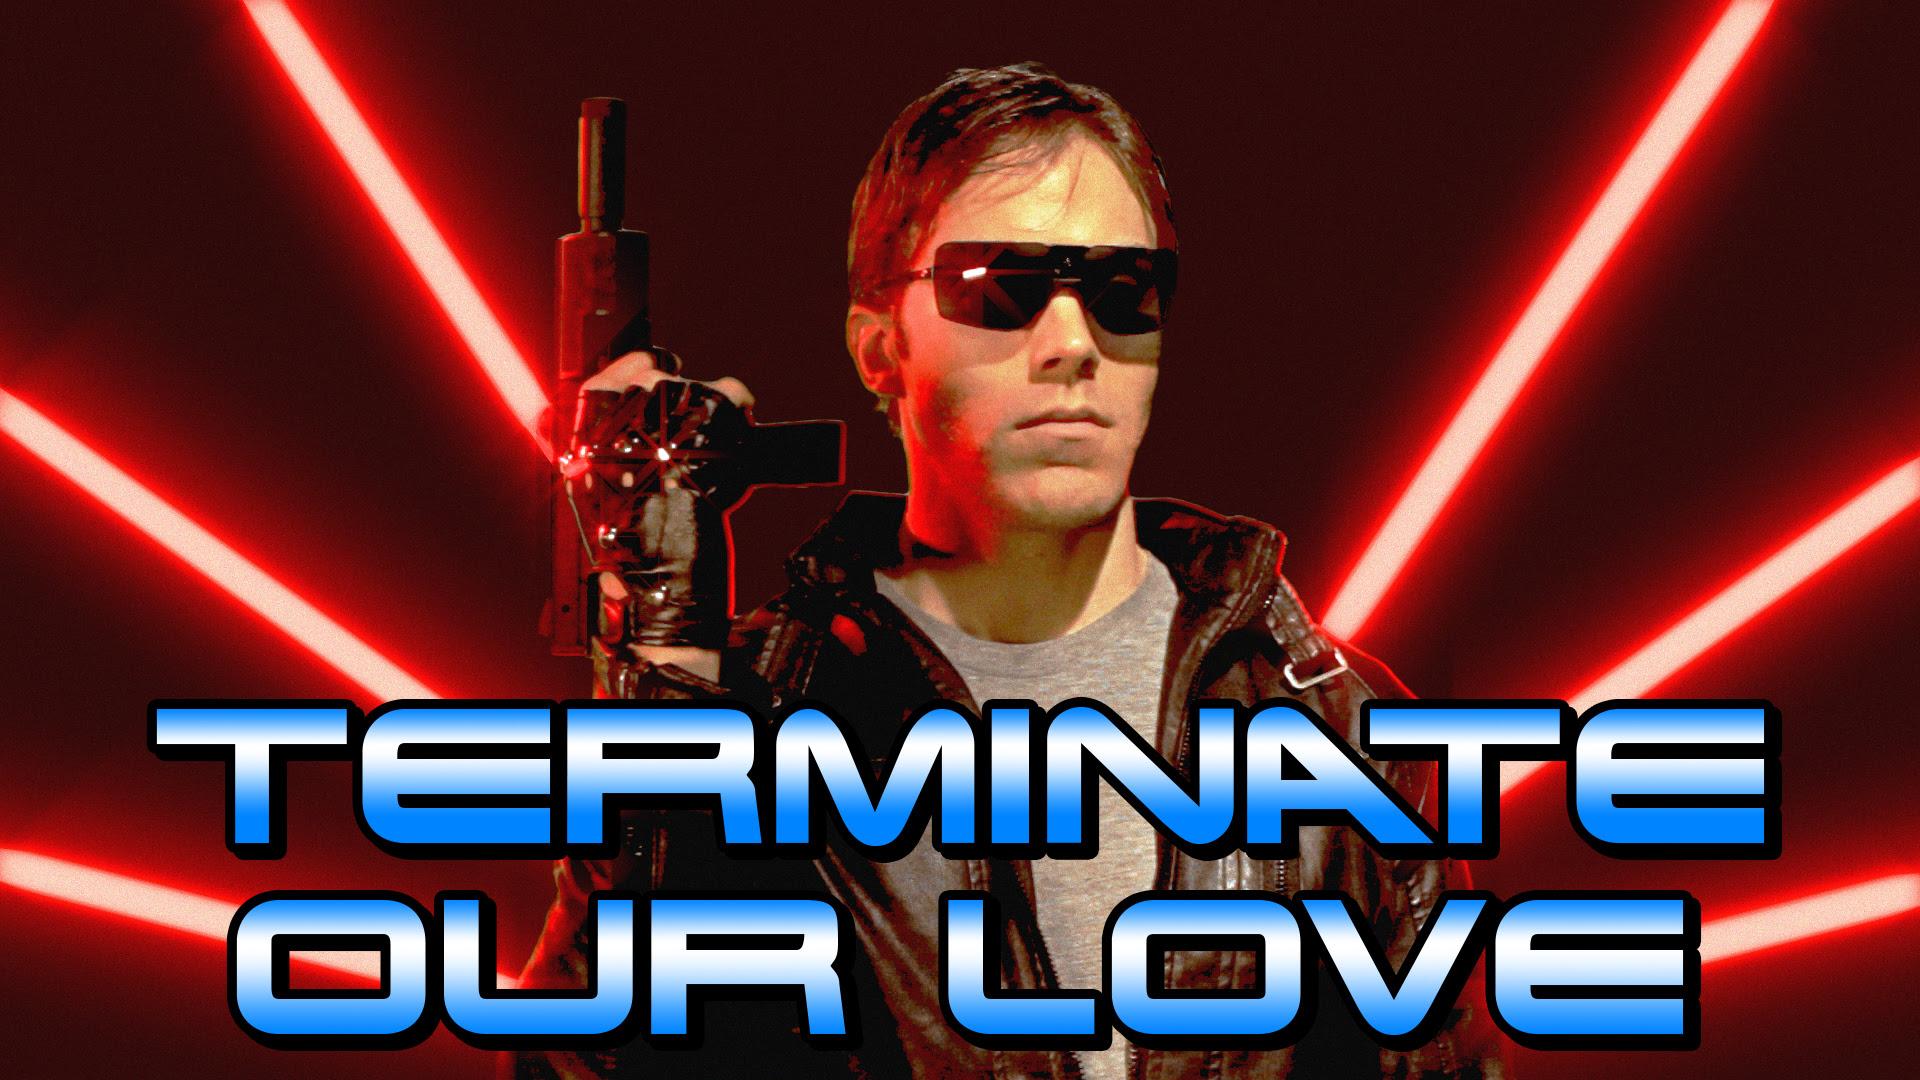 Terminateourlove